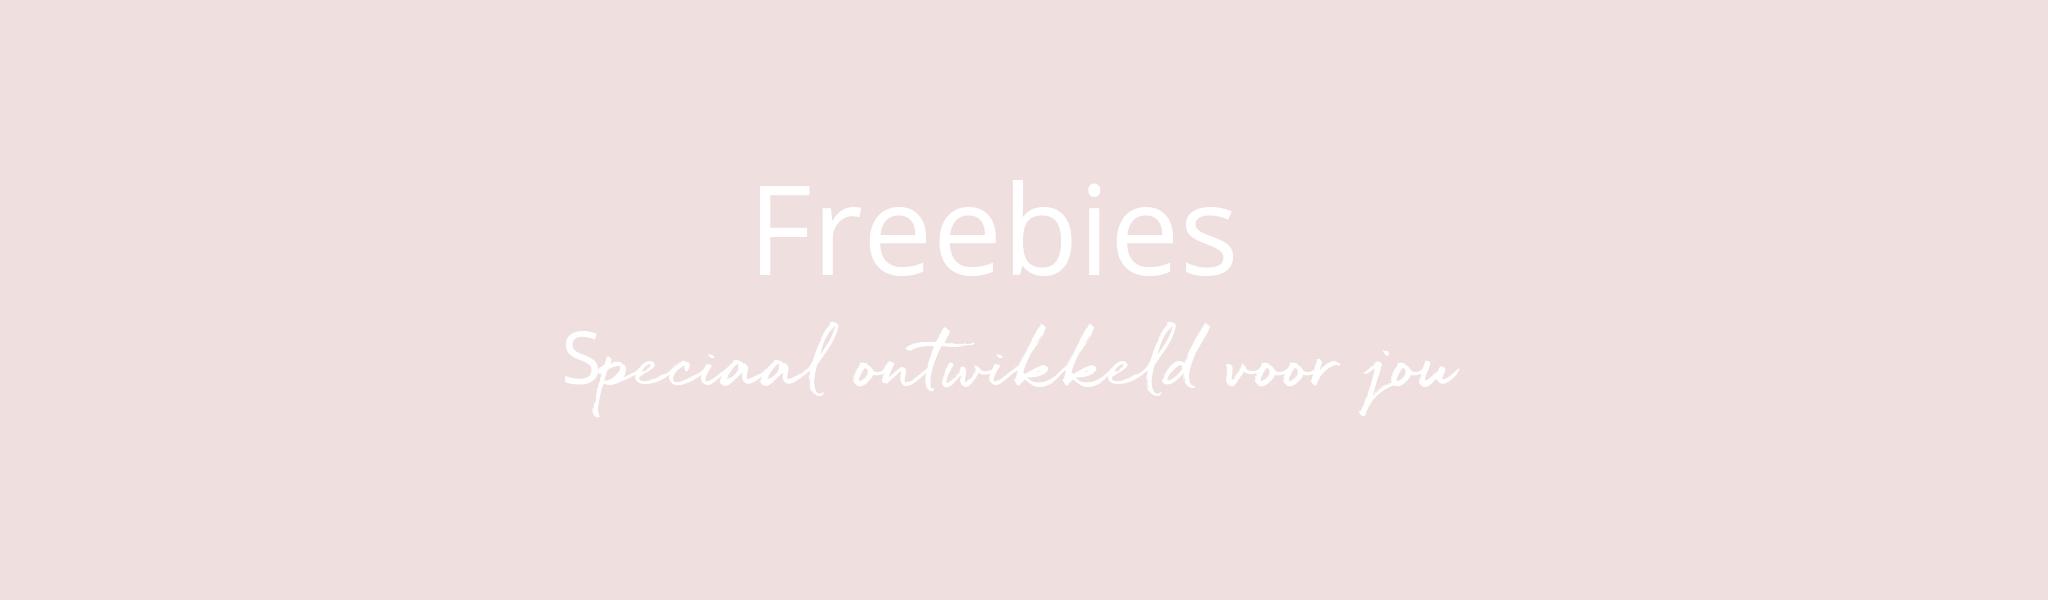 Freebies ontwikkeld voor jou (1)